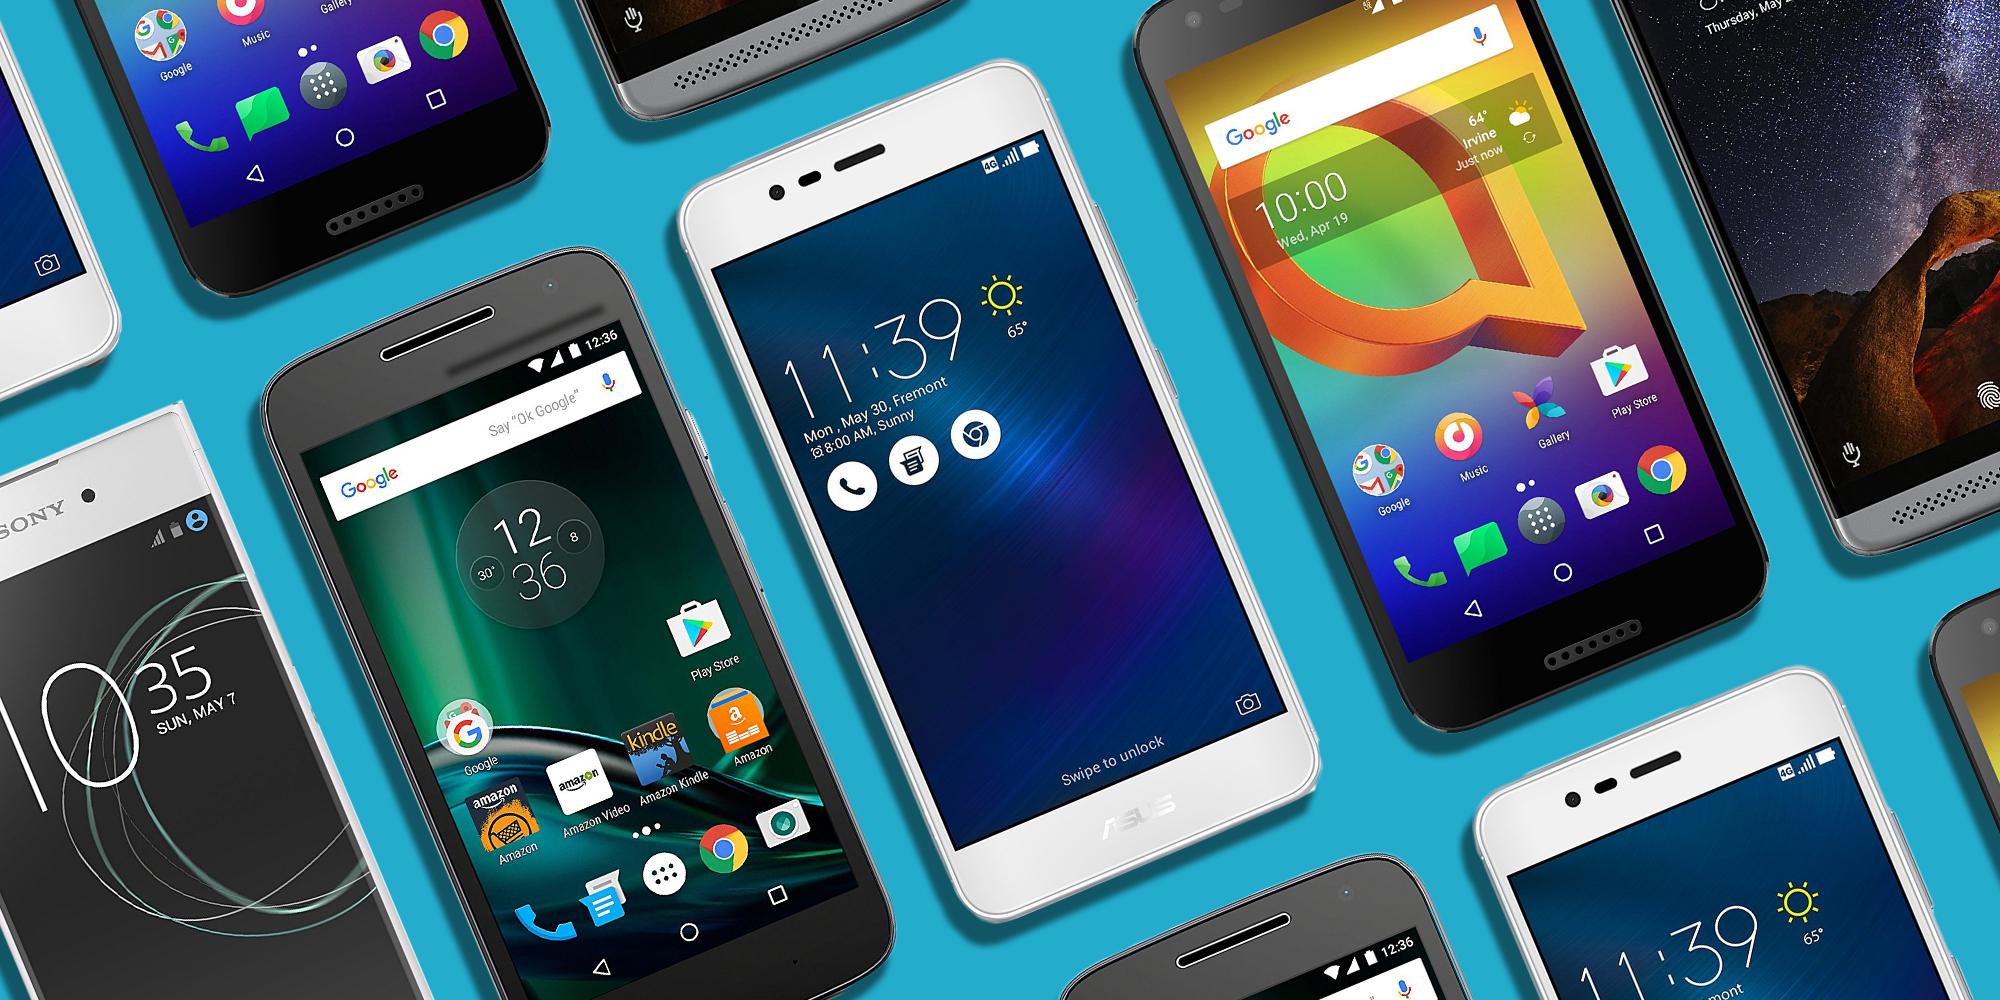 8 Best Phones For Kids In